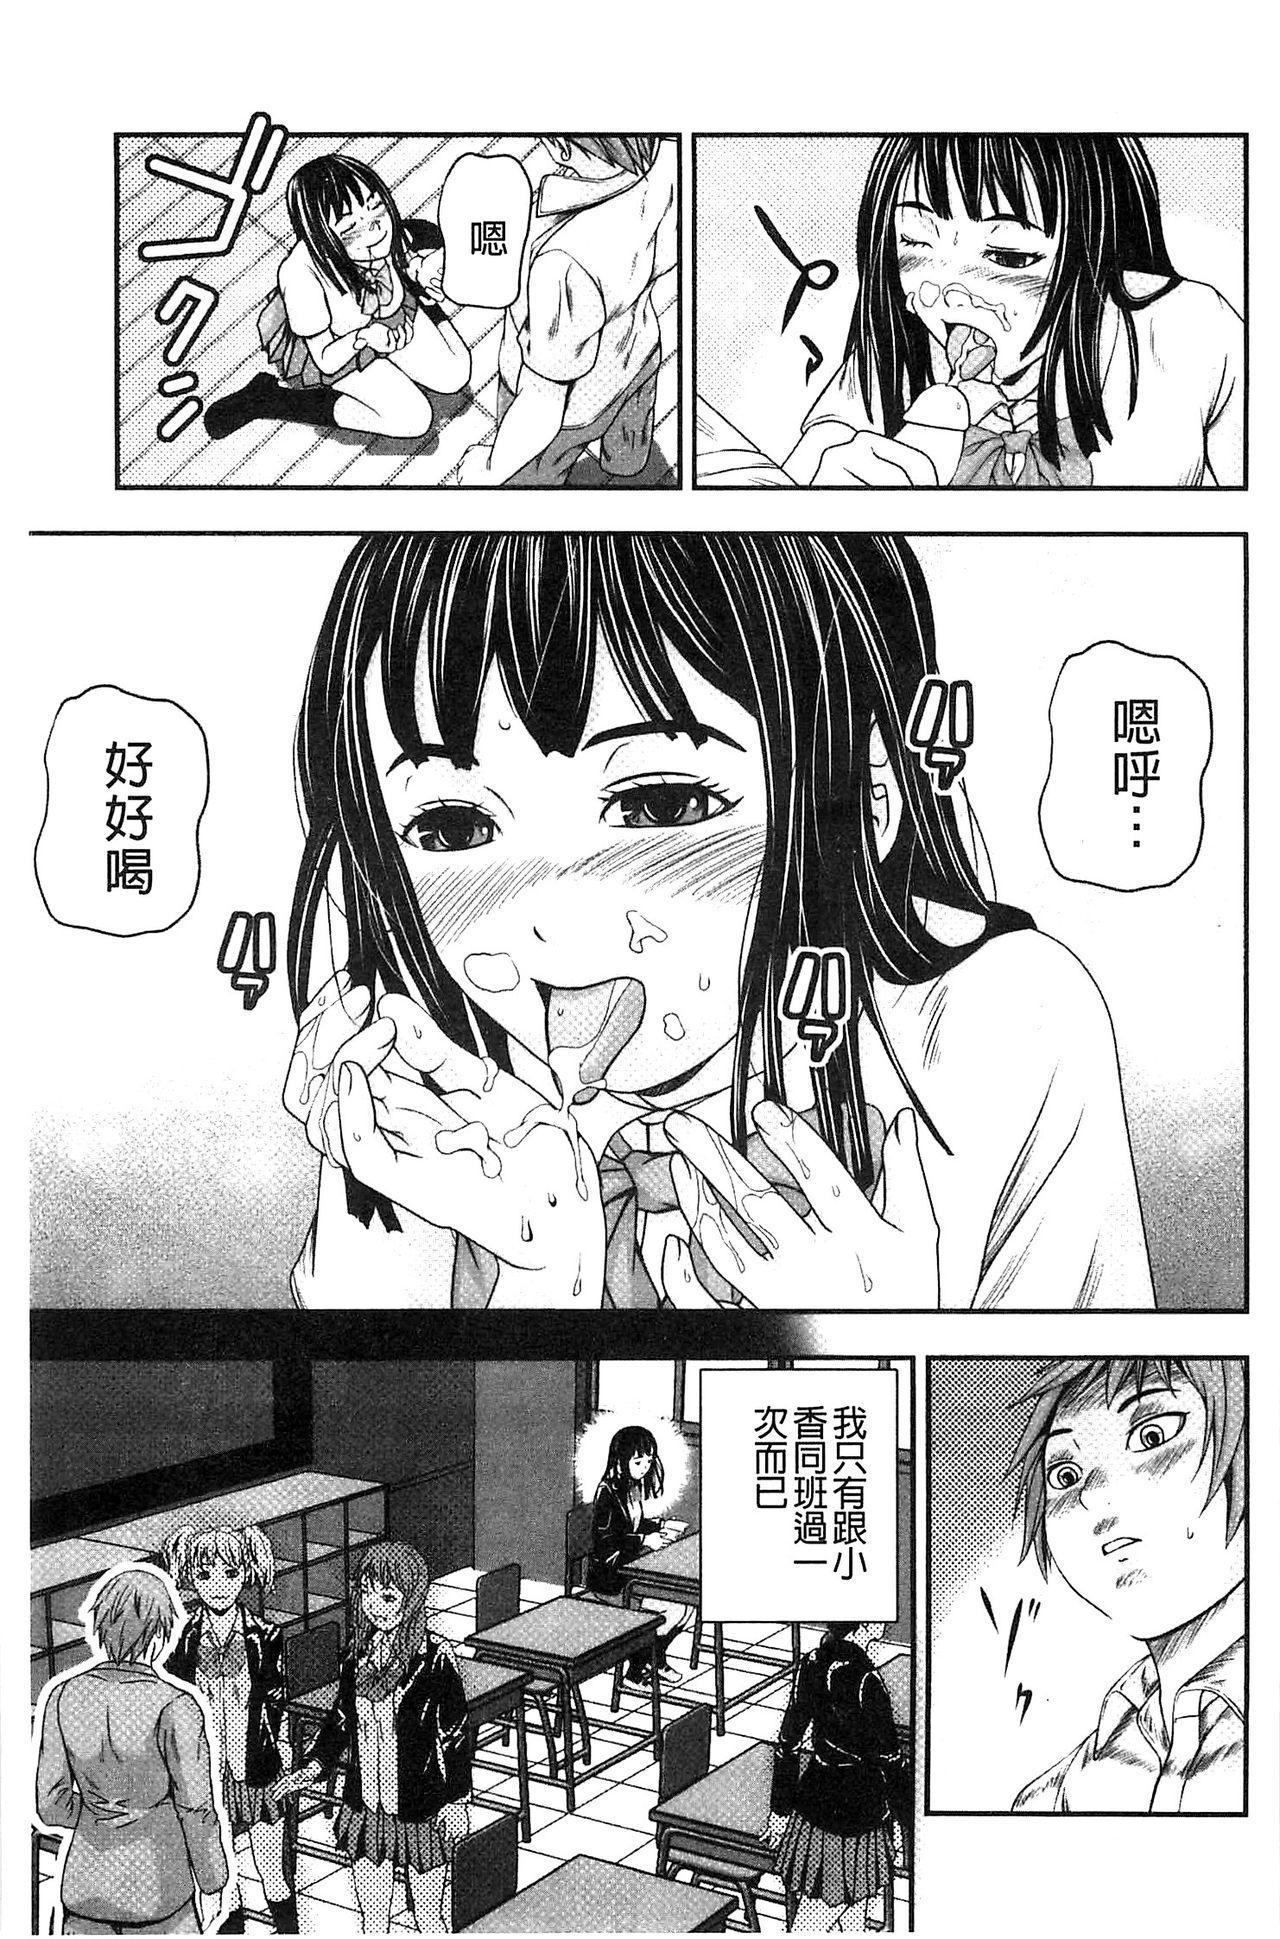 Koijirushi Love Milk | 戀印愛慾鮮乳 130